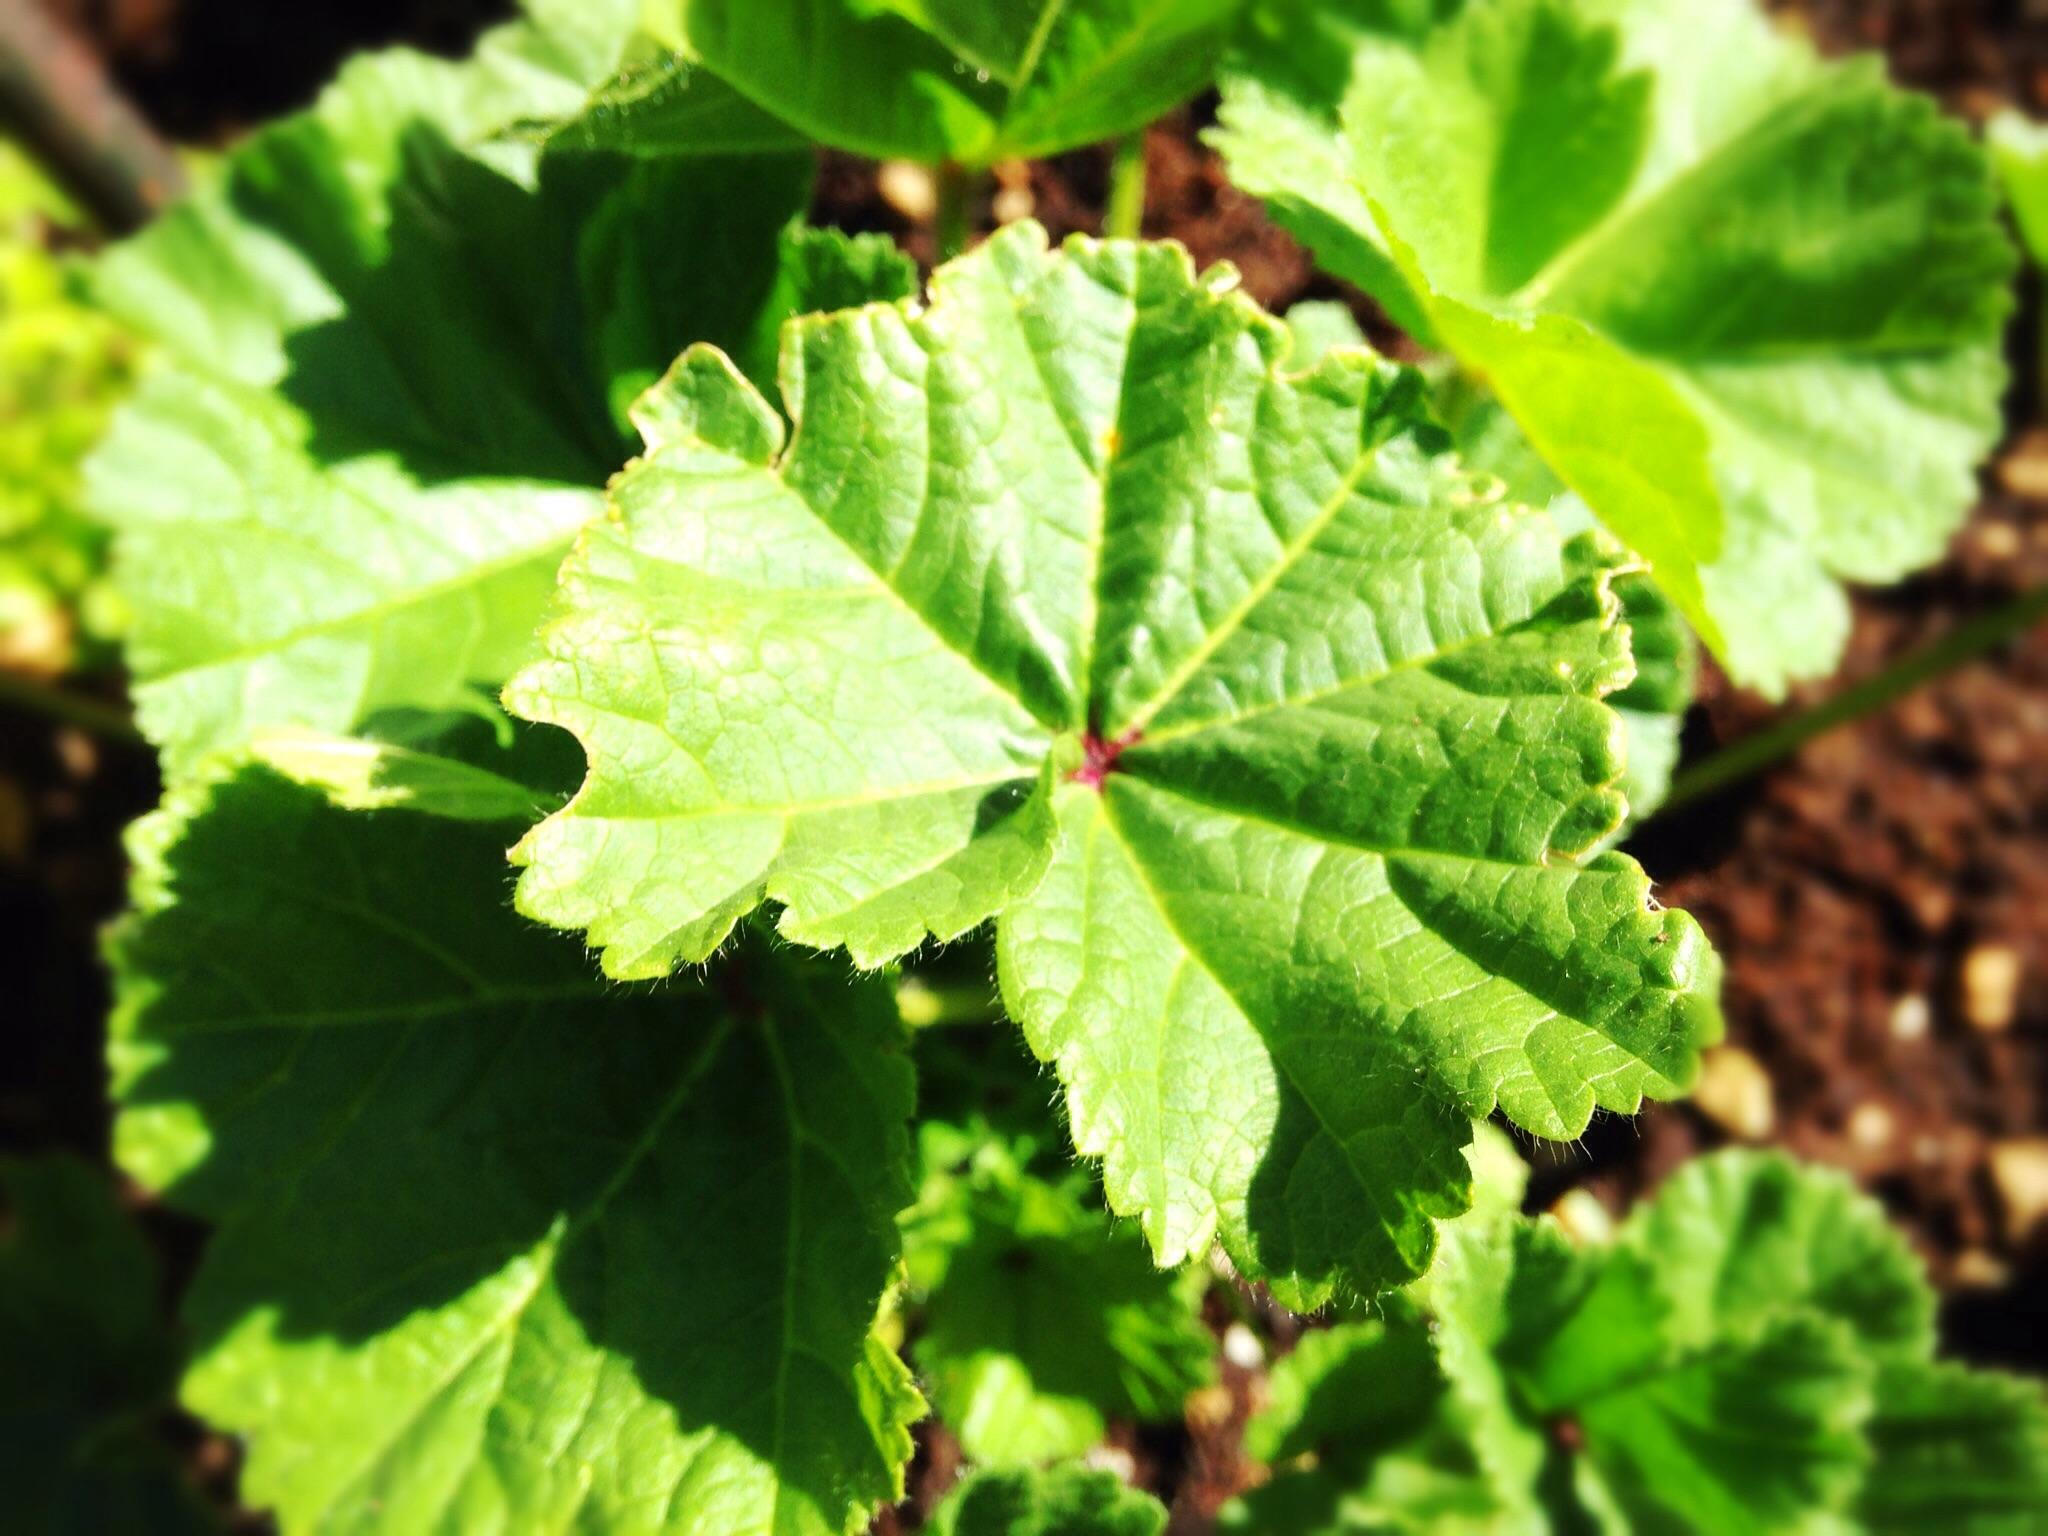 erbe spontanee commestibili erbe di campo camomilla tarassaco margherita pratolina